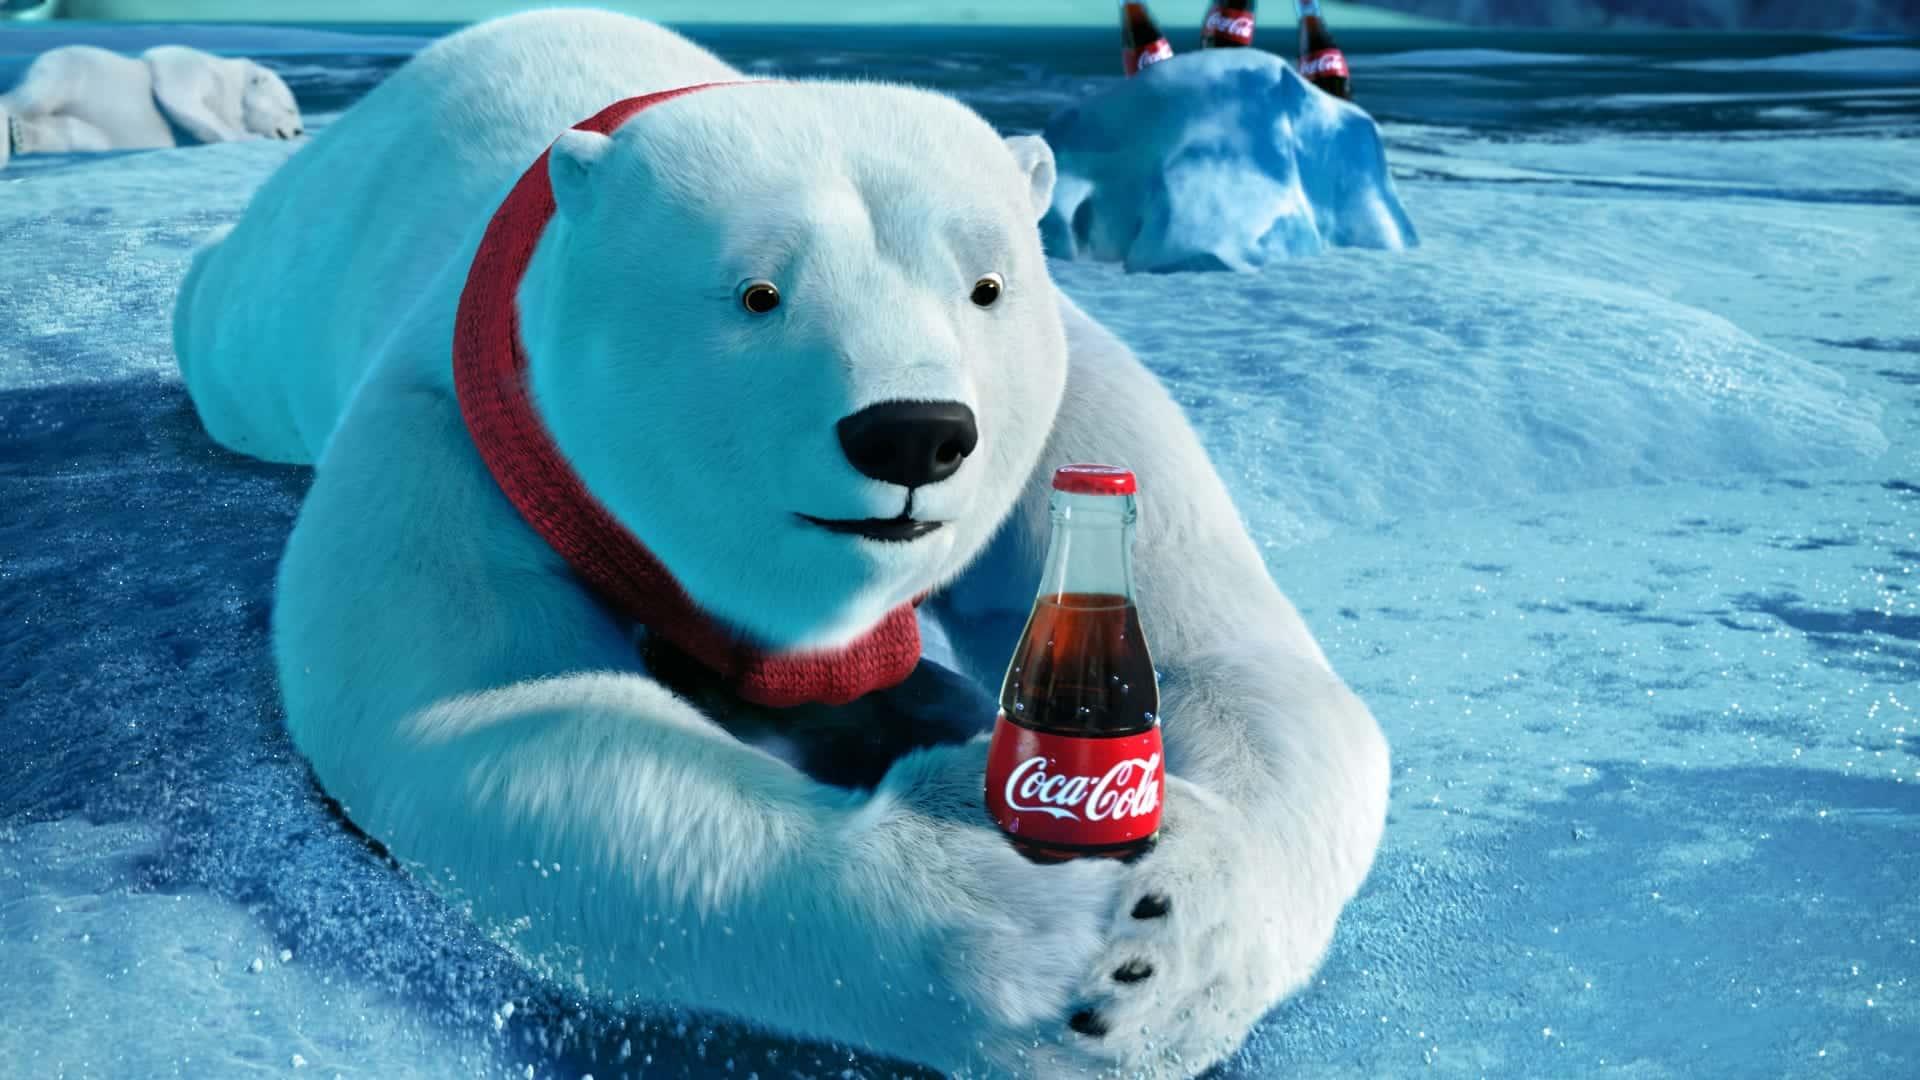 Força da marca - Urso Polar bebendo Coca-Cola - 13 estrategias para atrair clientes com imagens